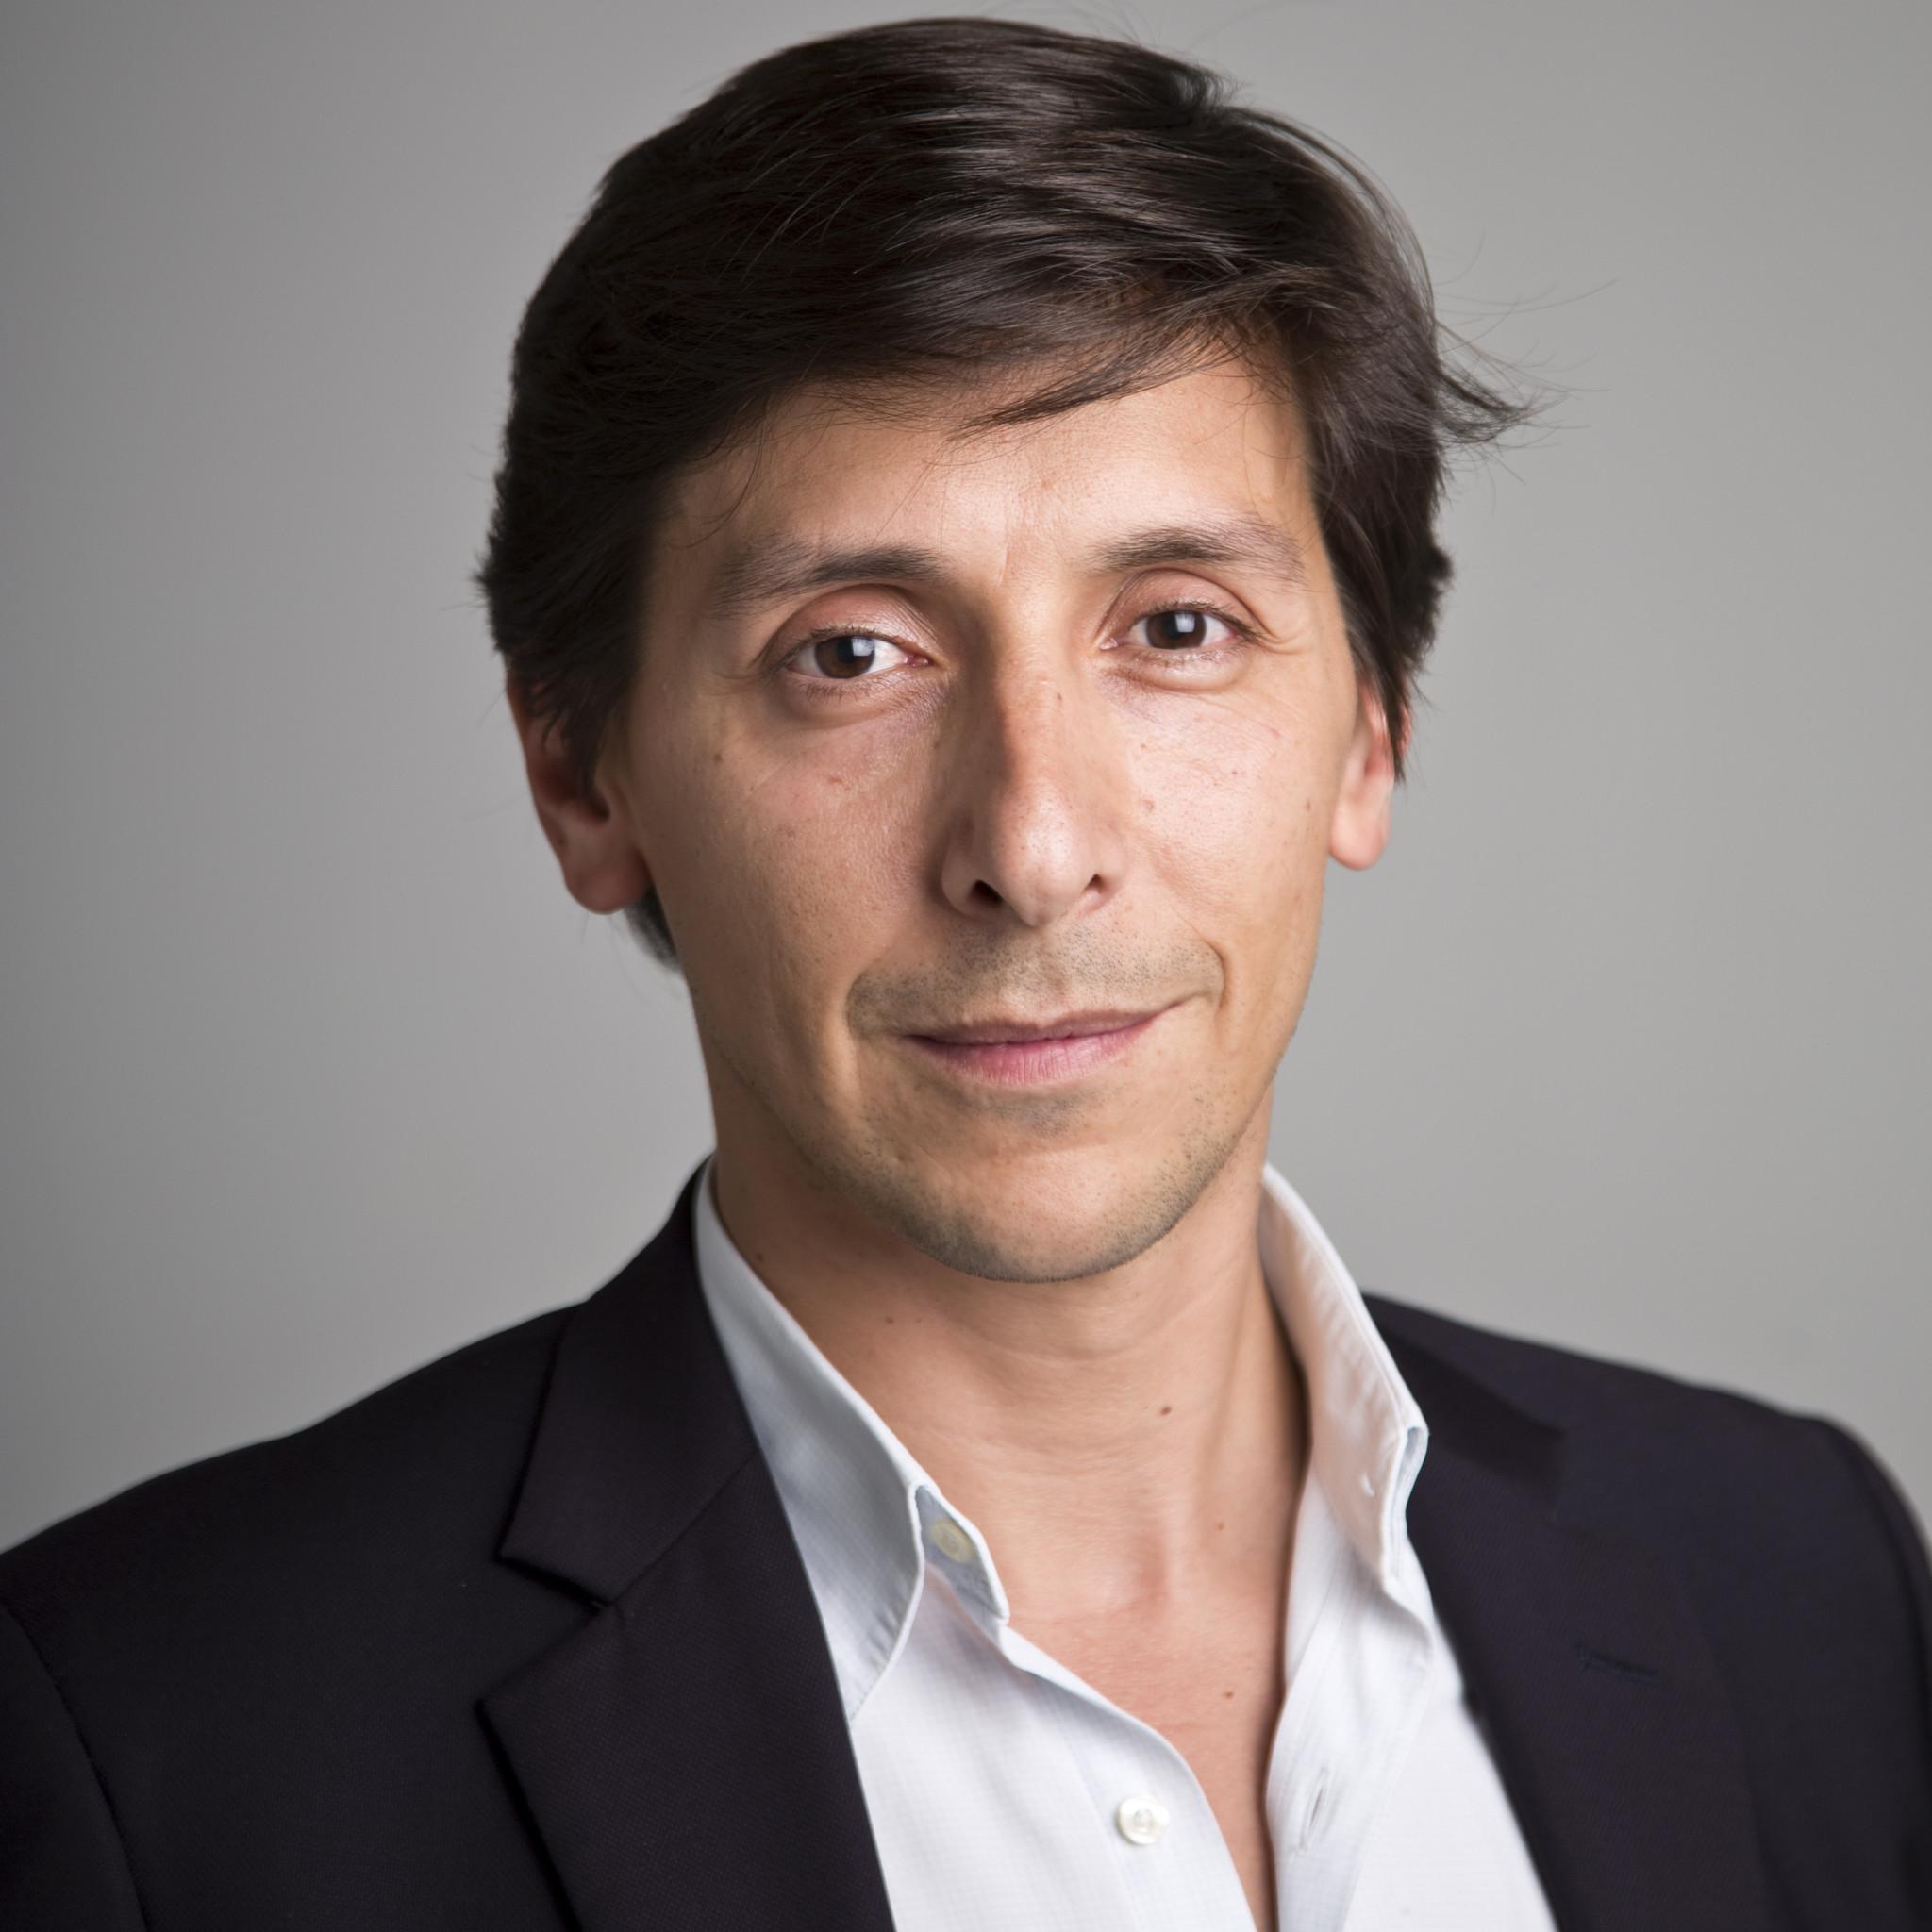 Bernardo Ferrao Jornalista Da Sic Internado. Avião Obrigado A Aterragem De Urgência